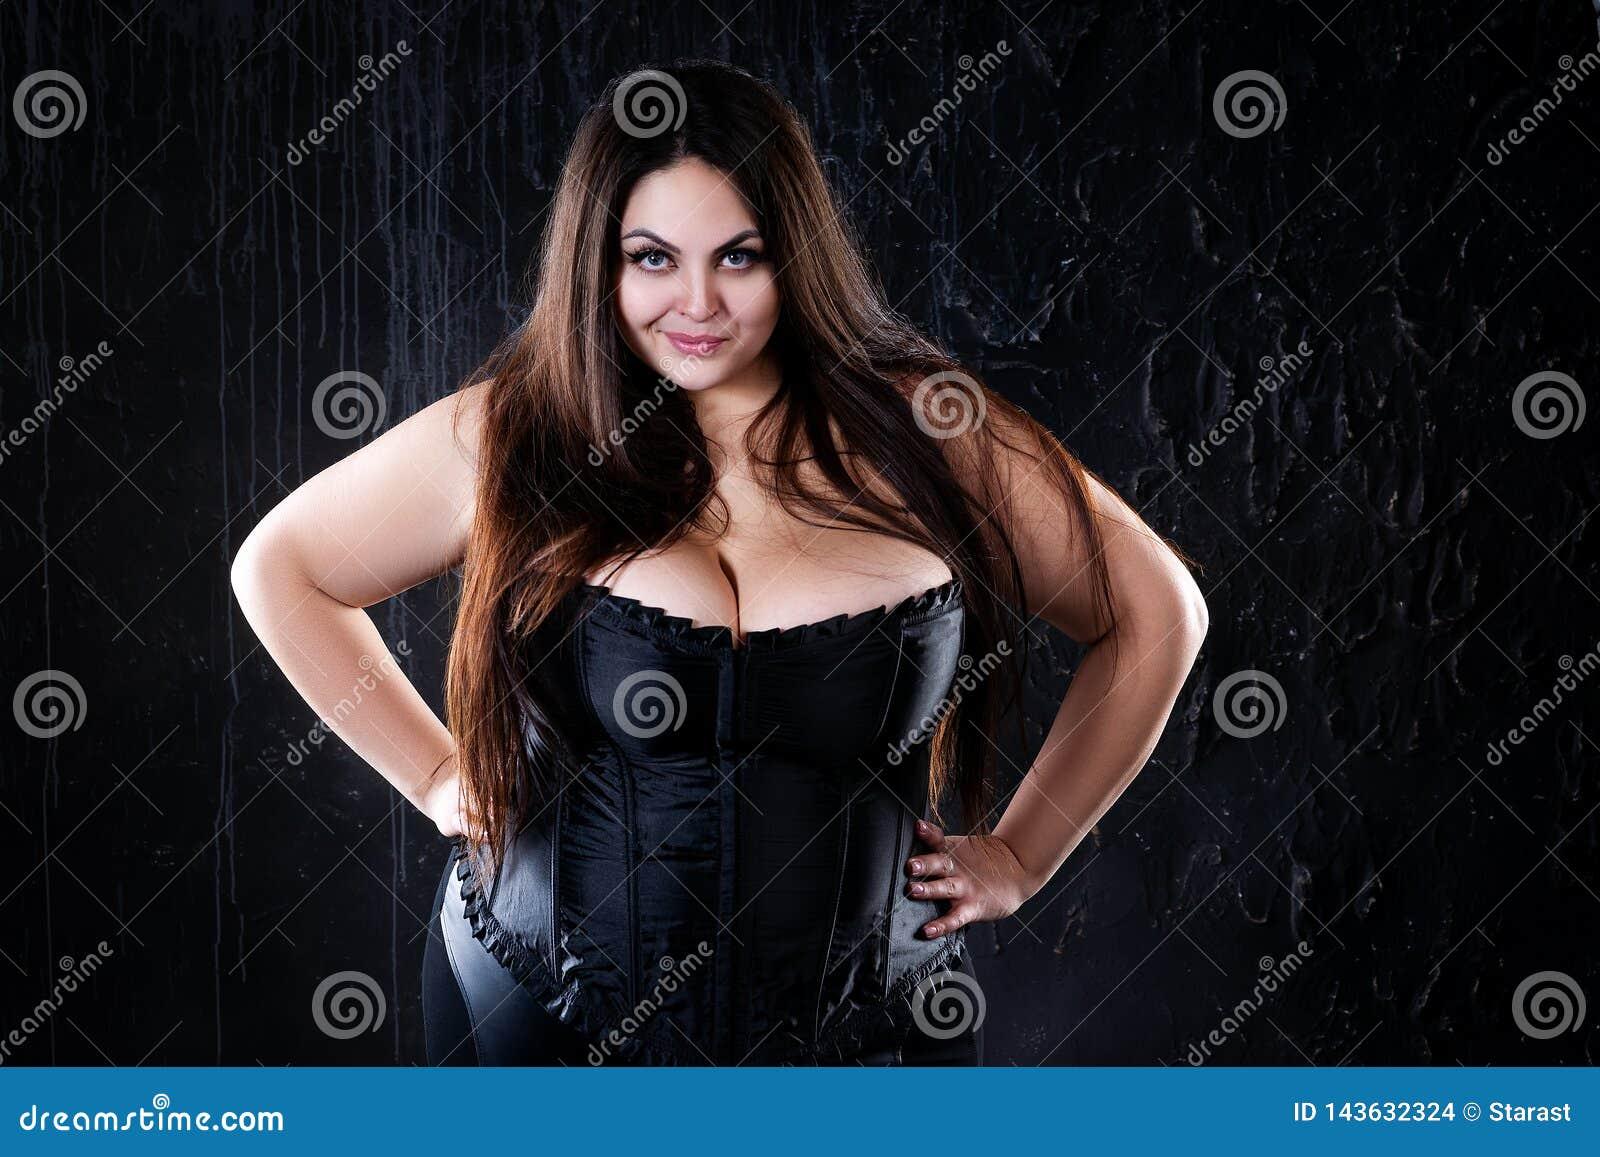 femme noir grosse